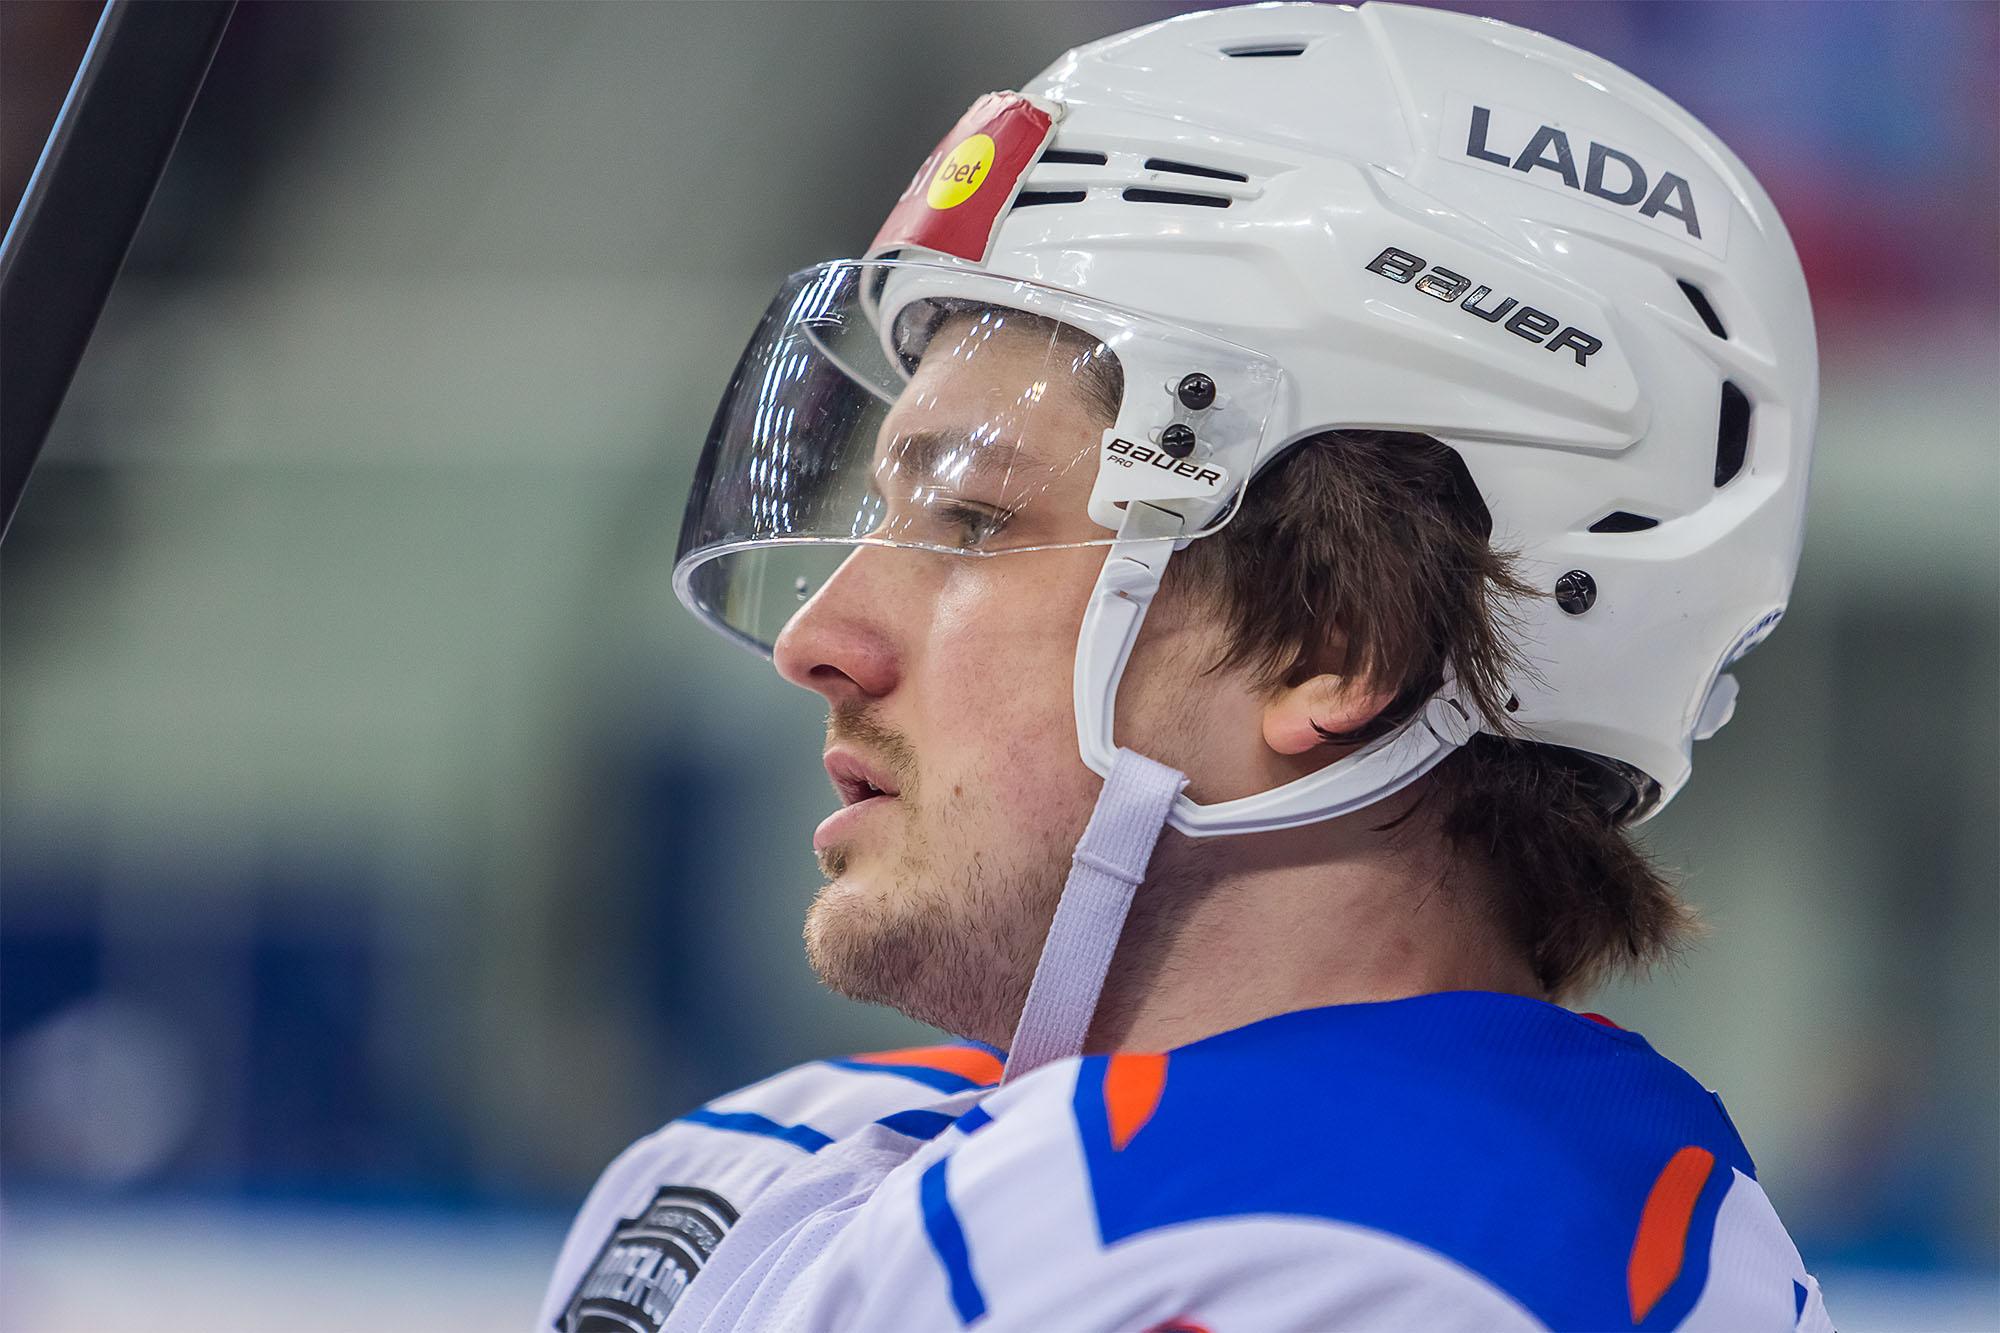 Лучший нападающий «Лады» продлил контракт и отказался от перехода в КХЛ